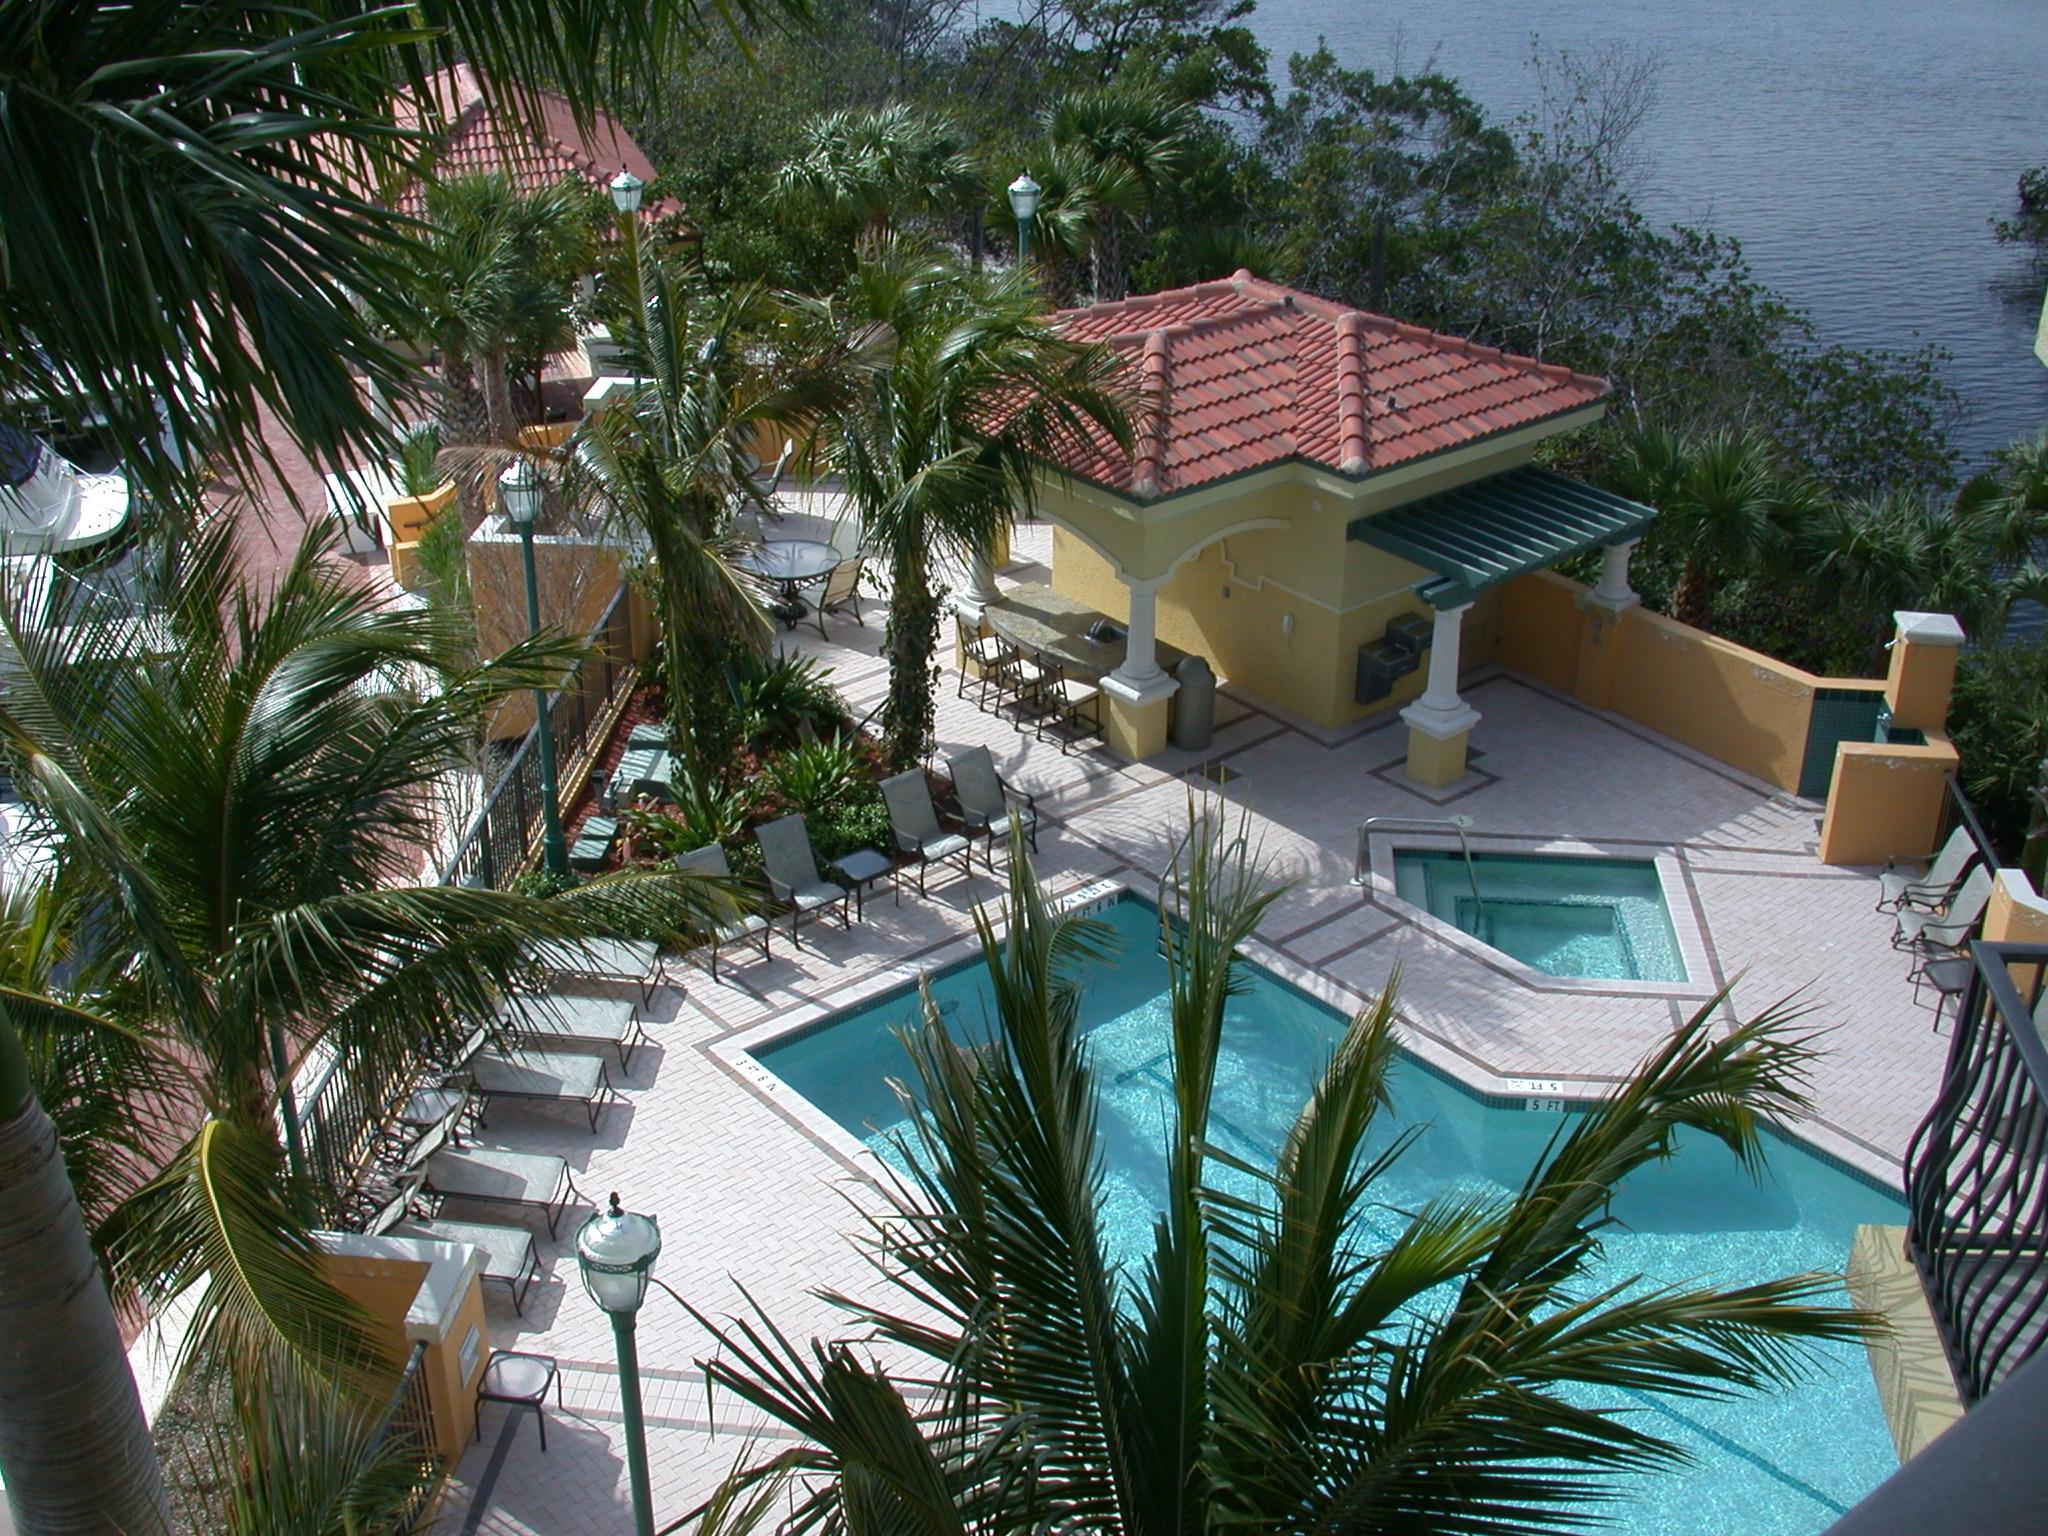 Jupiter Yacht Club Florida Pool Cabana.JPG